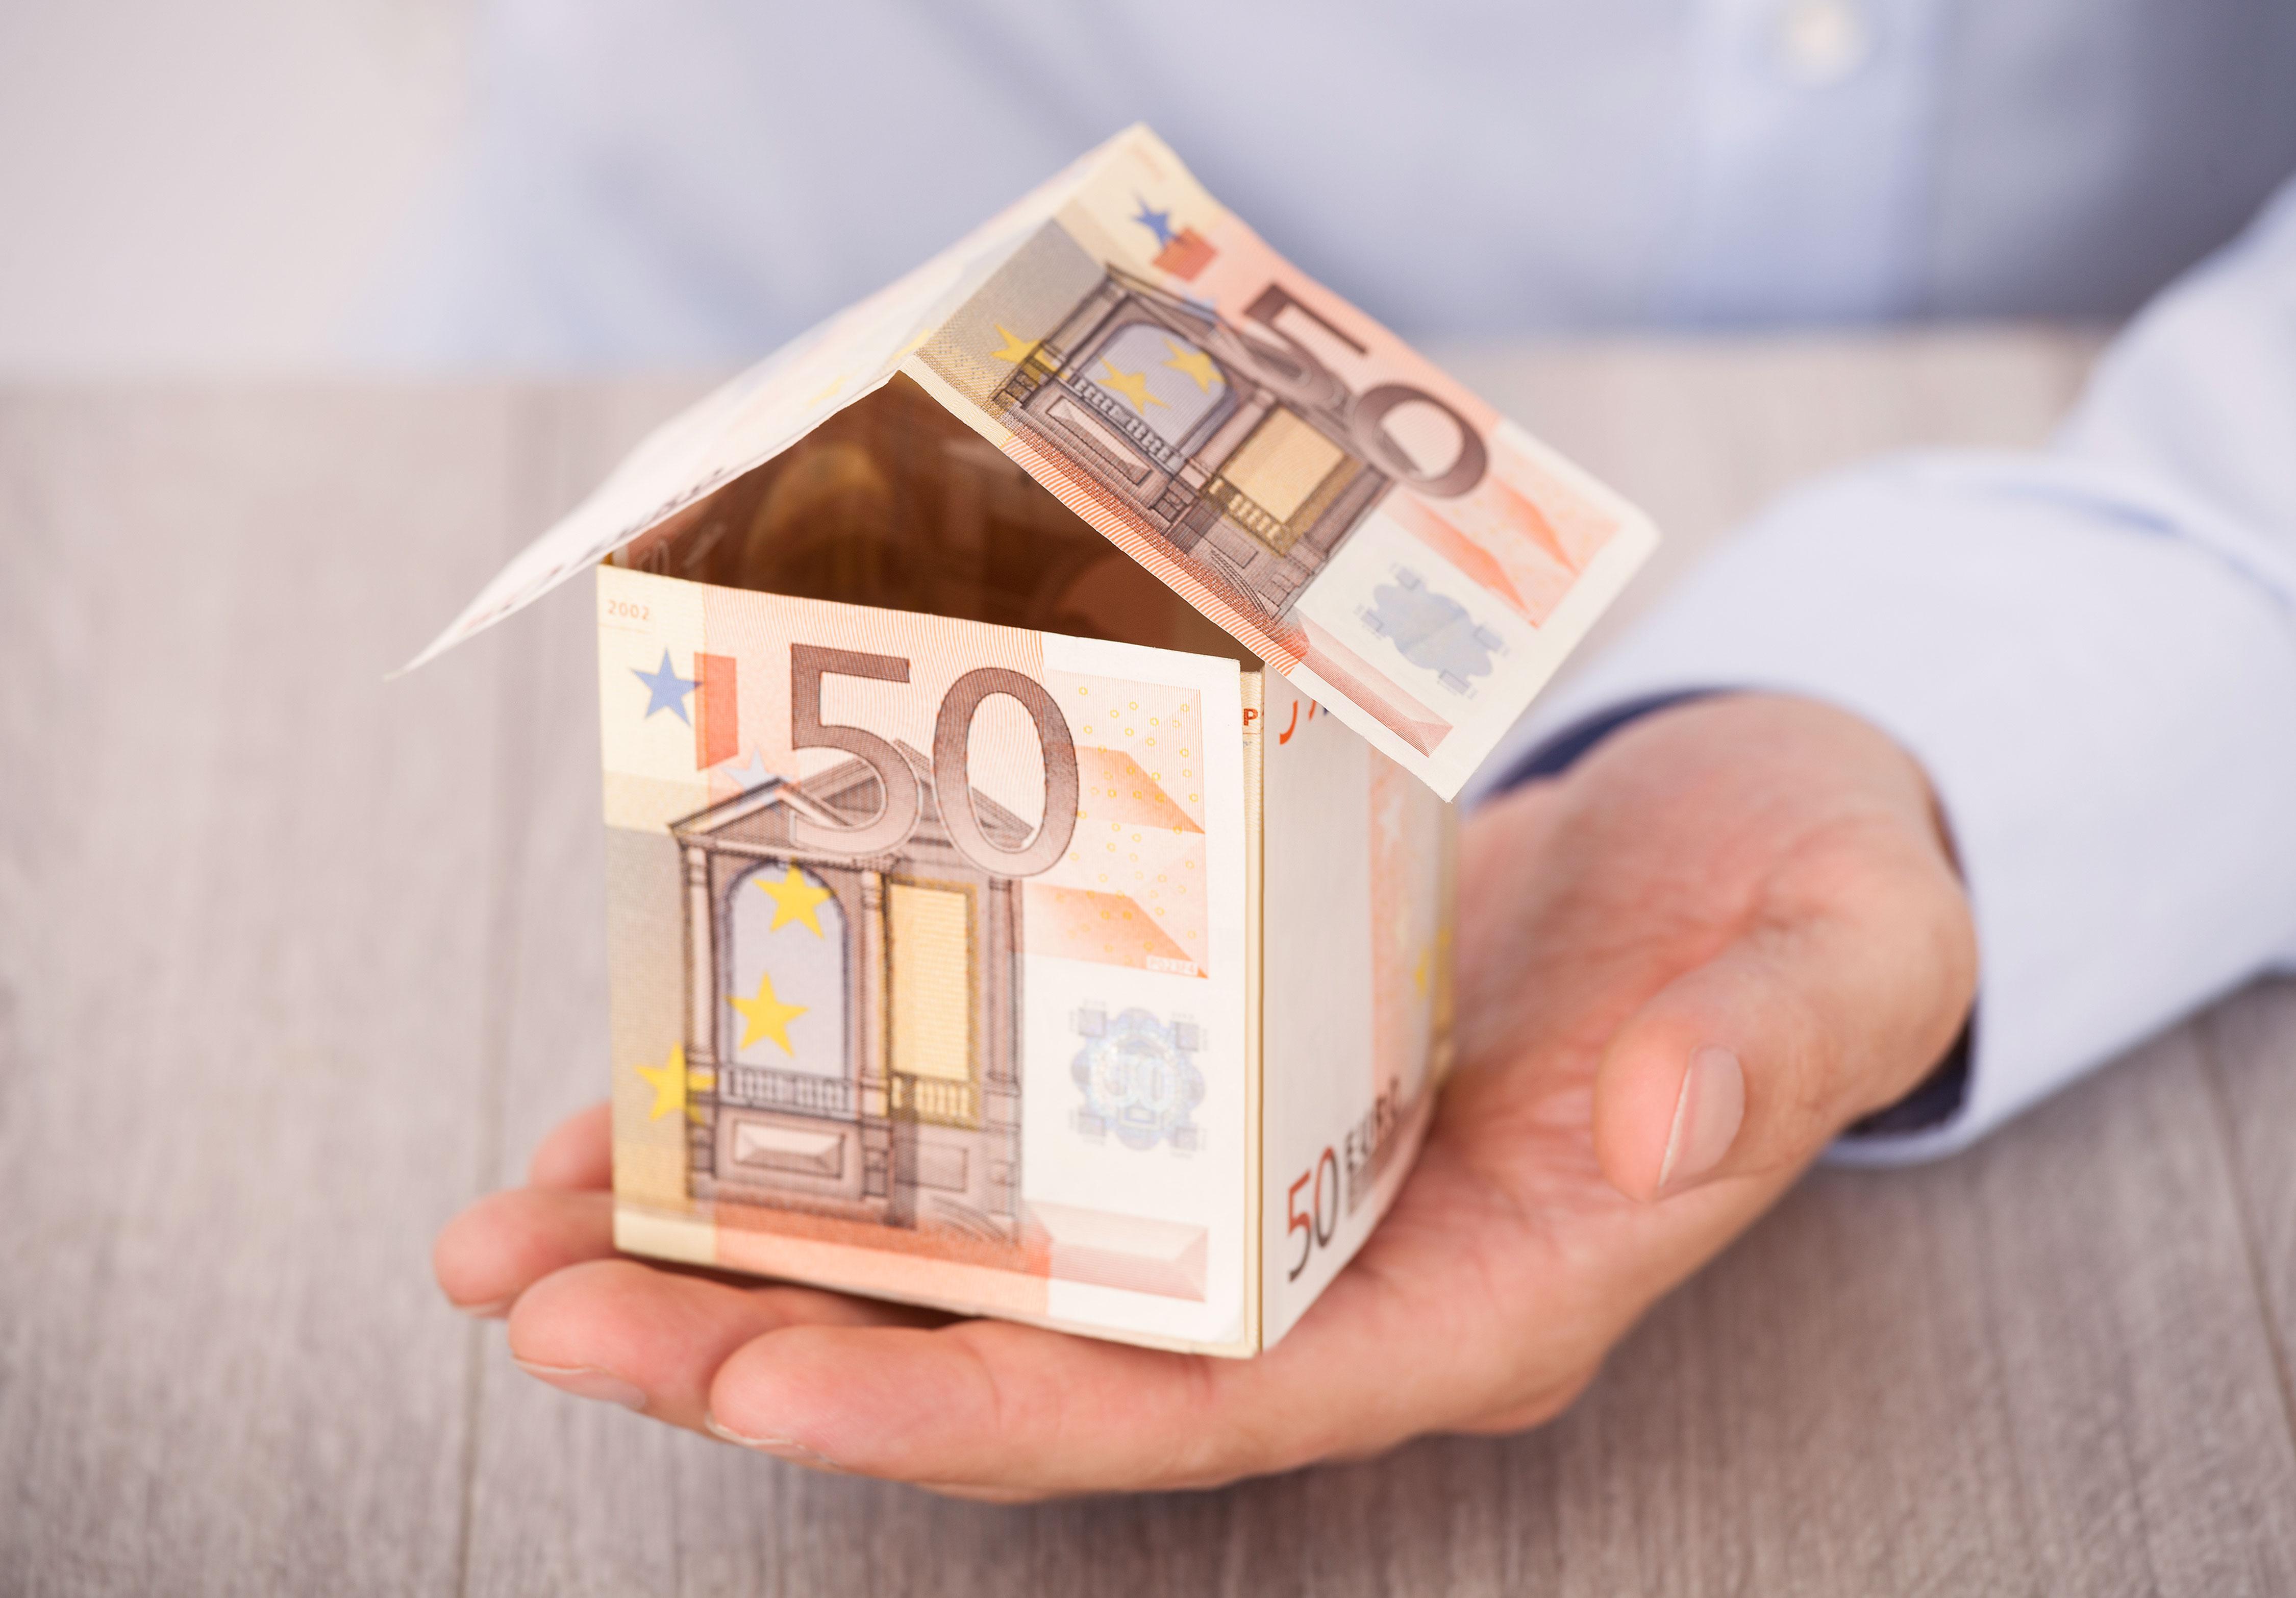 Businessman hält Haus aus Fünfzigeuroscheinen in seiner offenen Hand